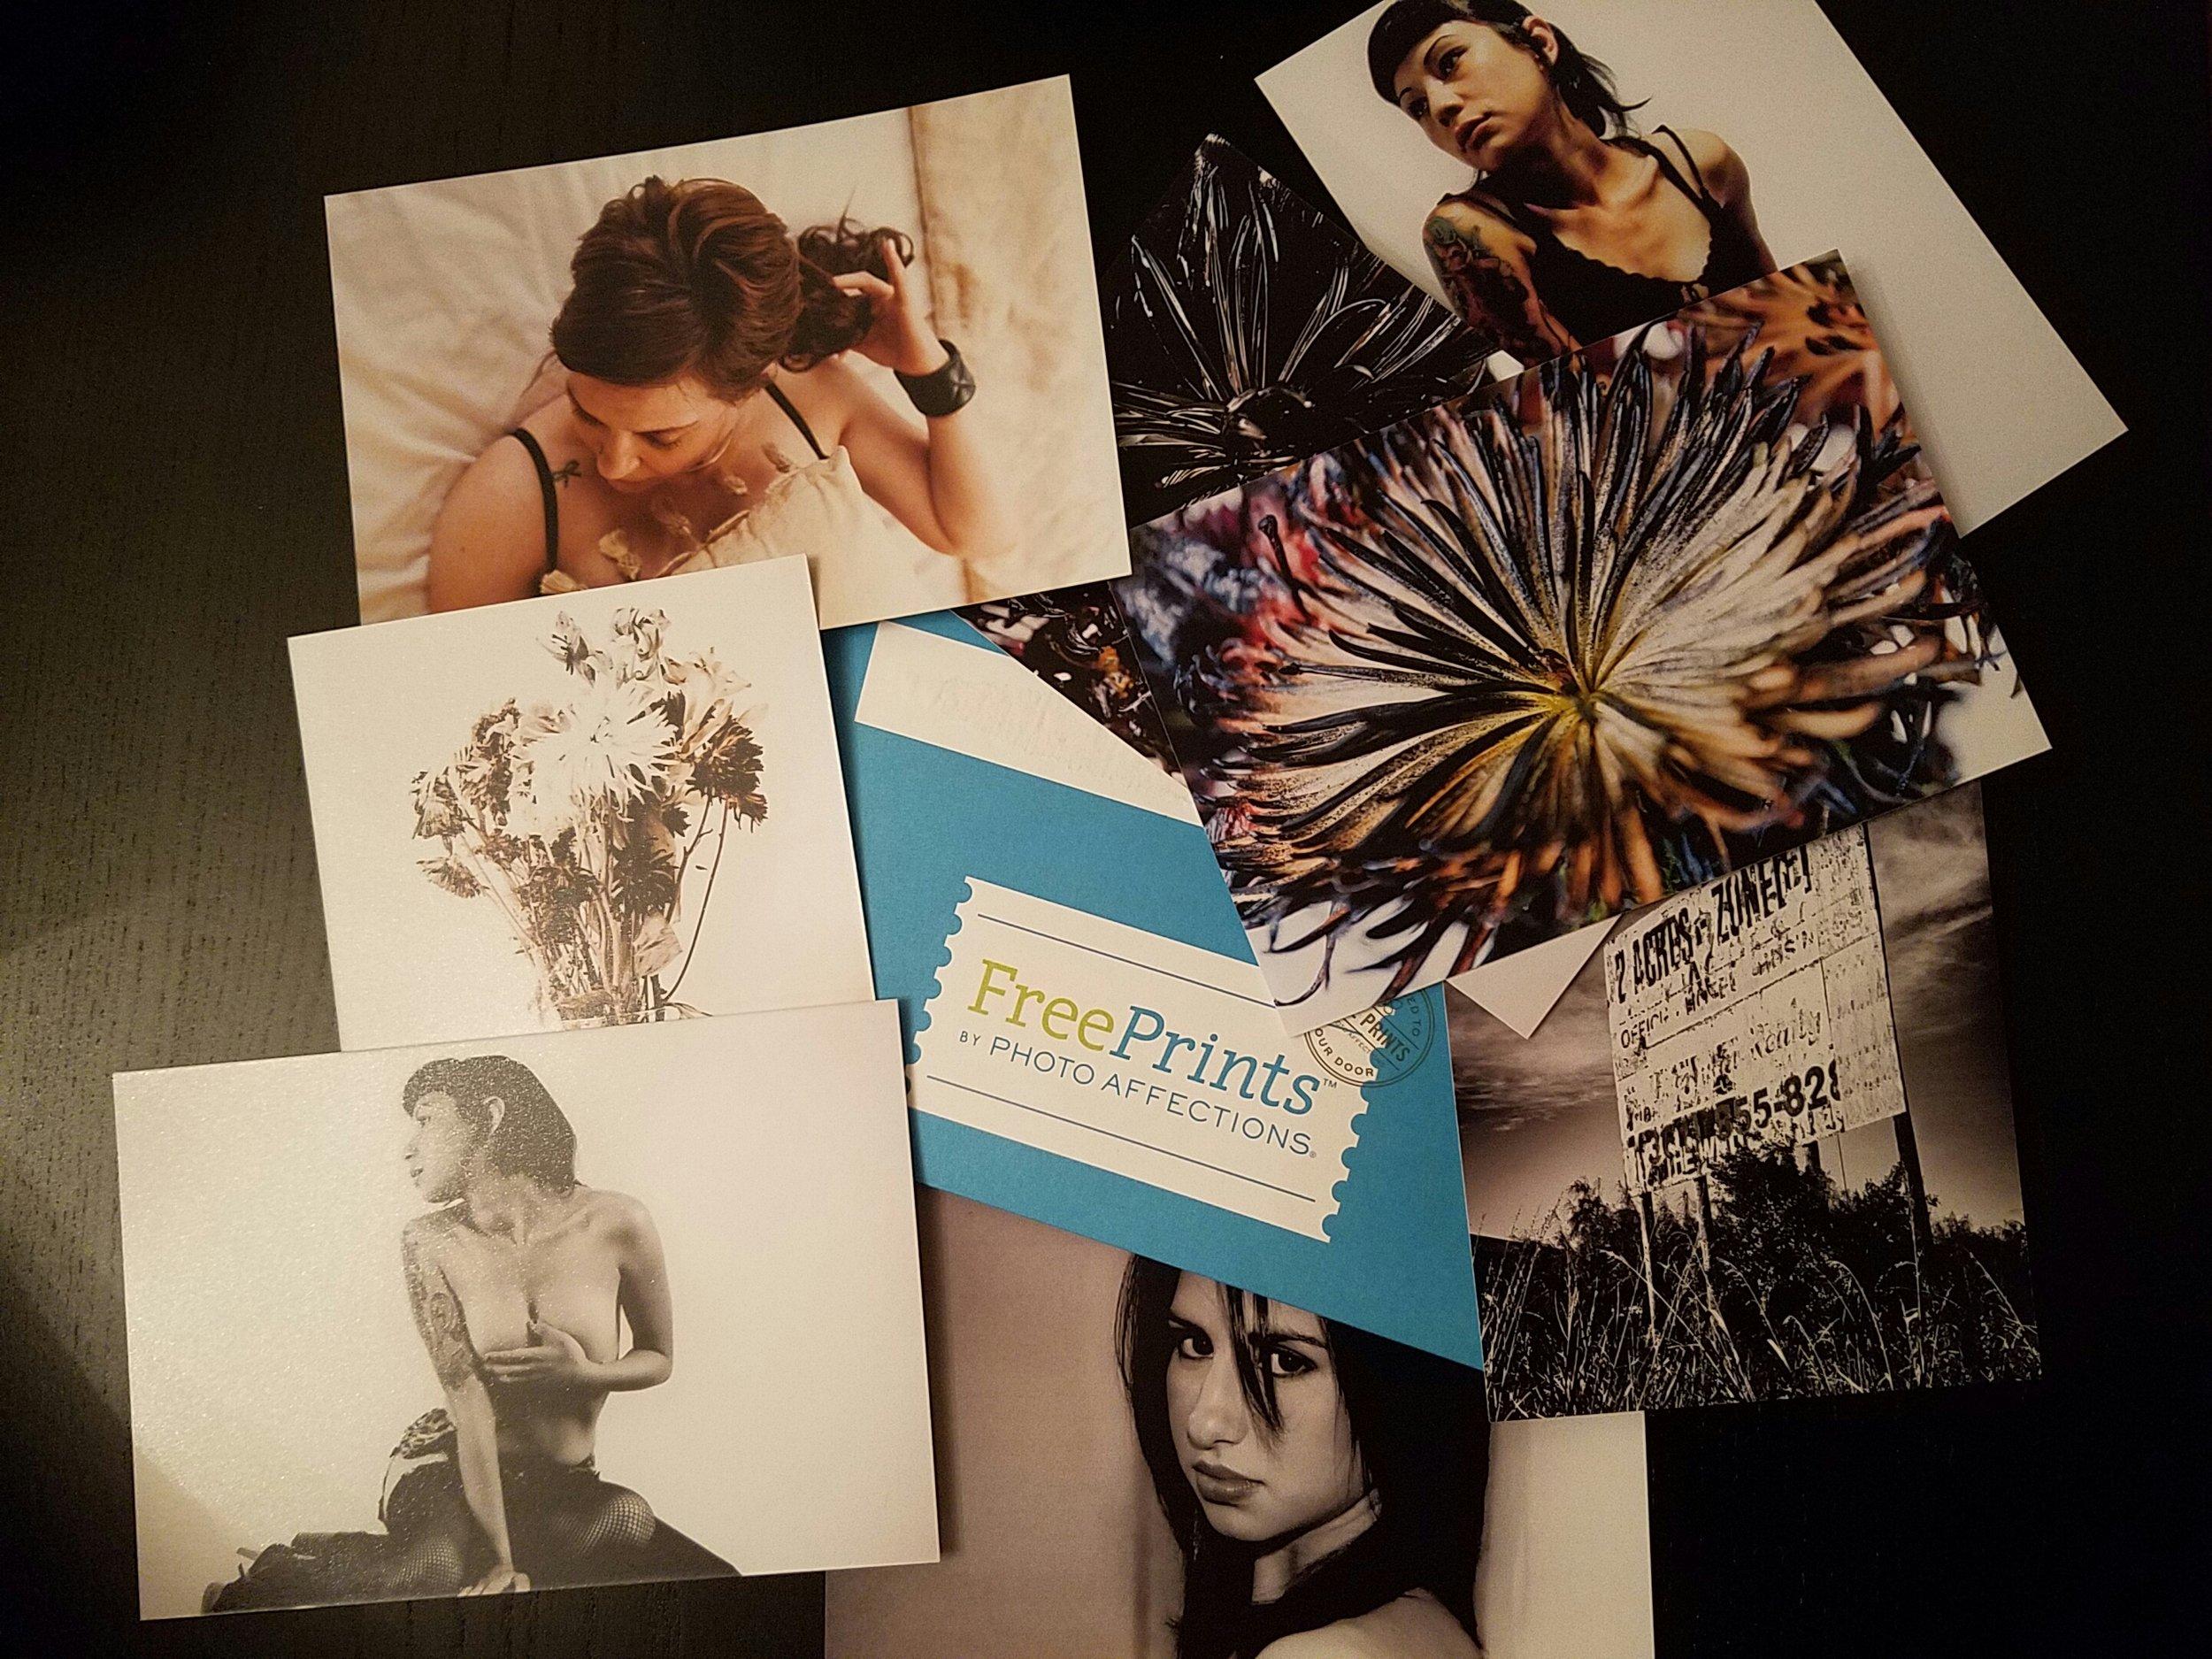 free prints app review